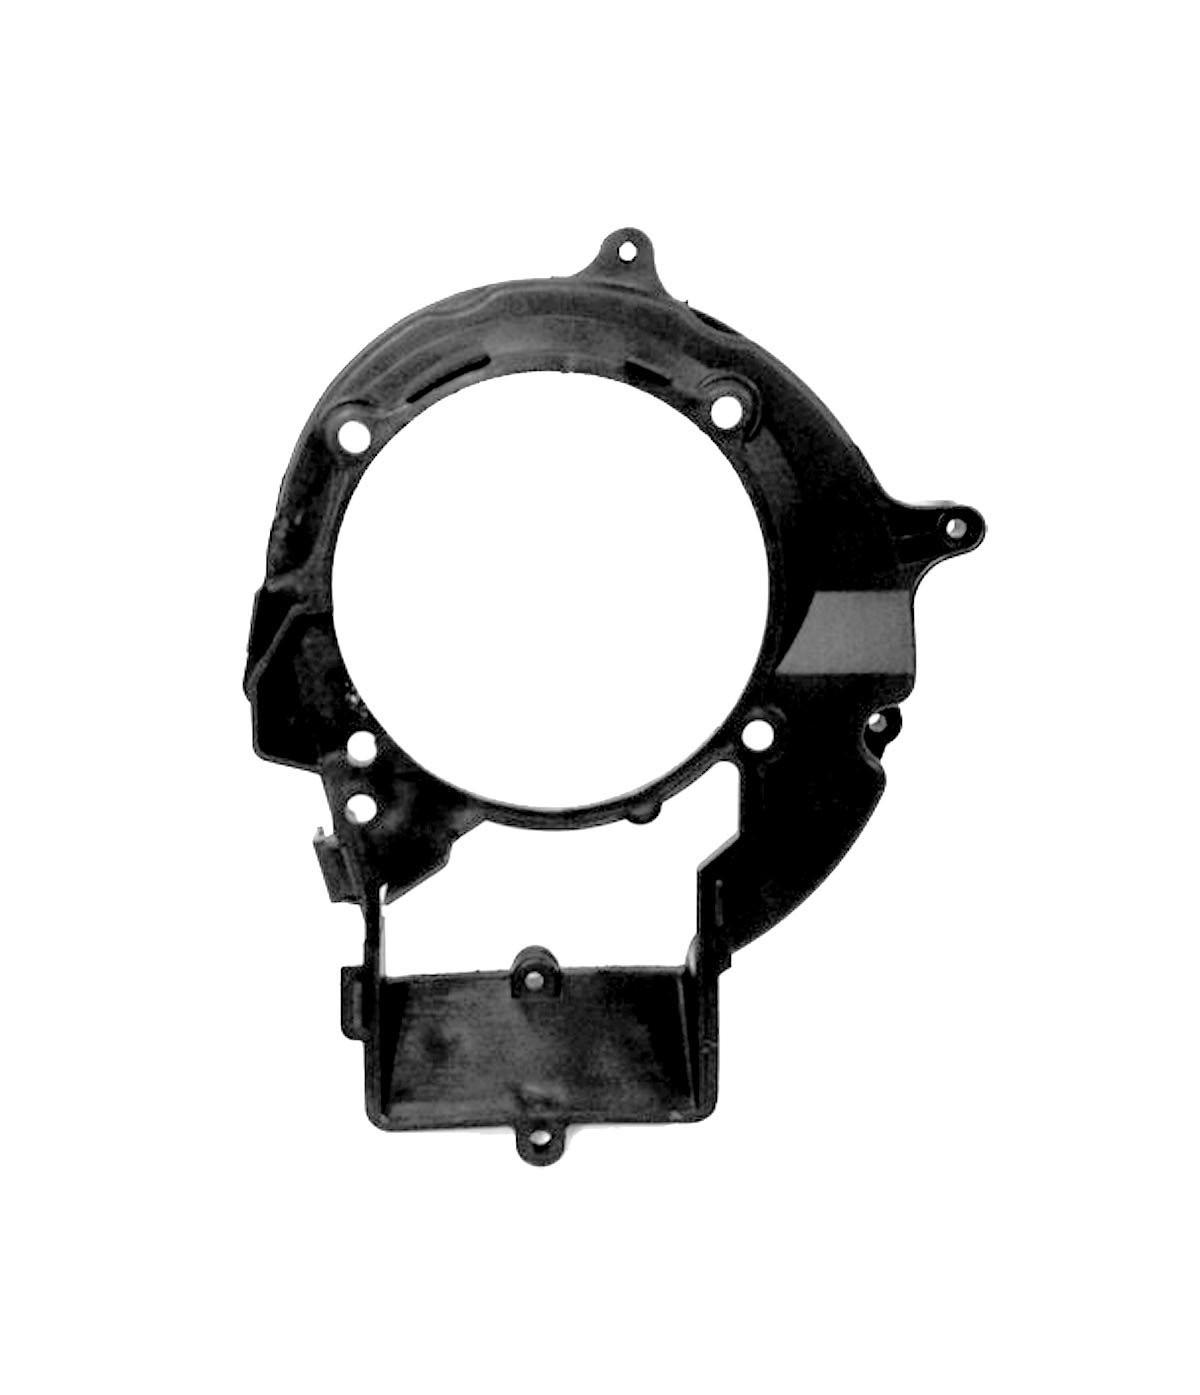 Caixa de ventilaçao para Palio / Ergon / Akros 50 / Nix